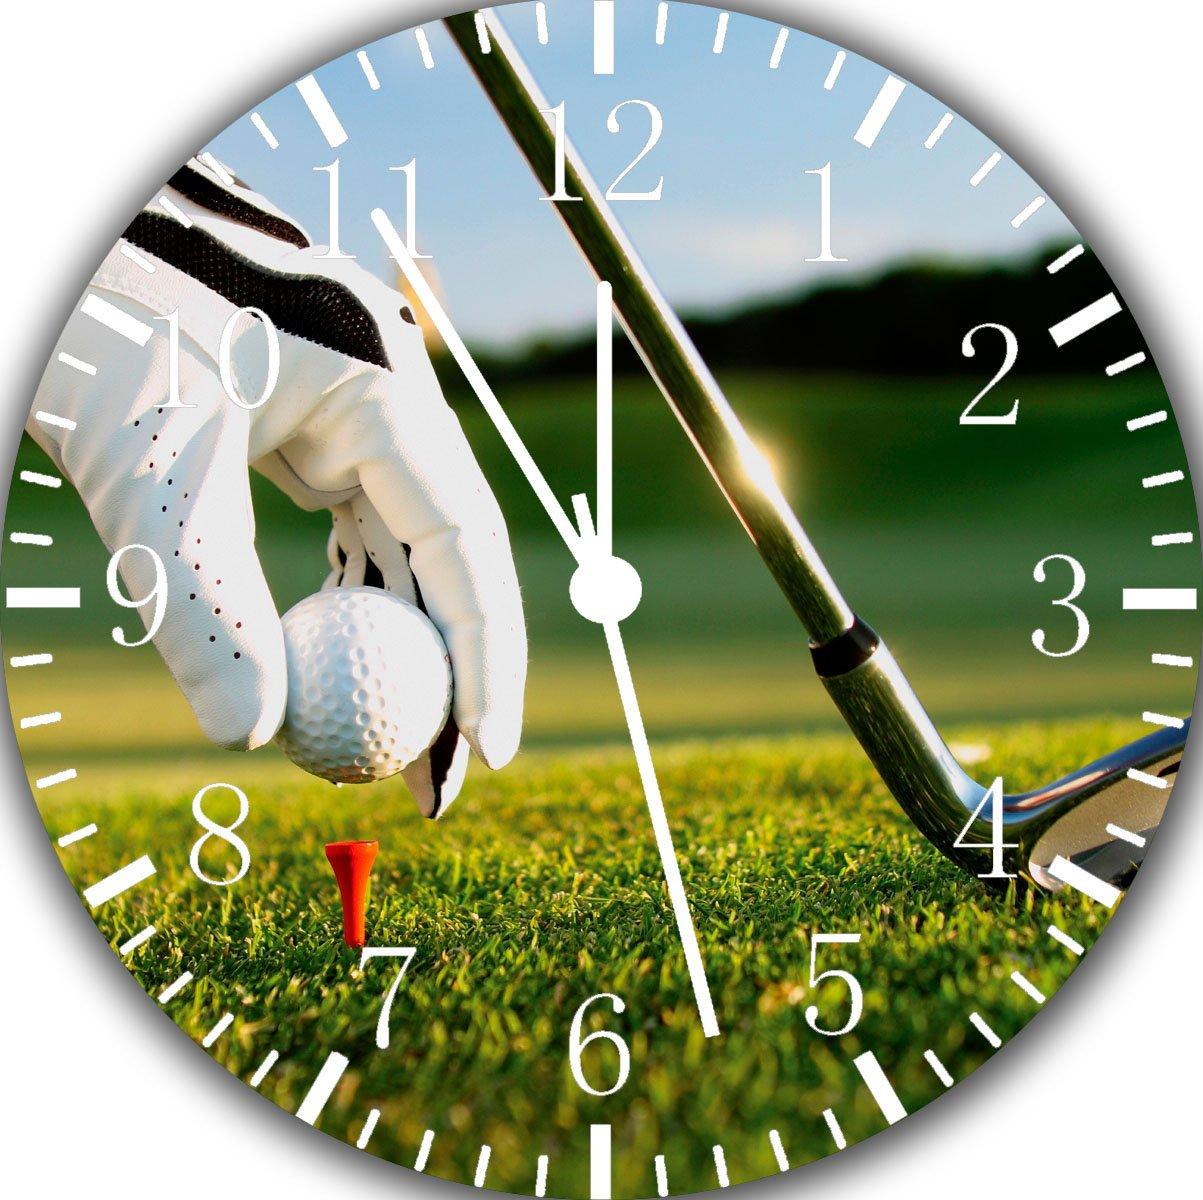 Golf Frameless Borderless Wall Clock Z154 Nice For Gift or Room Wall Decor